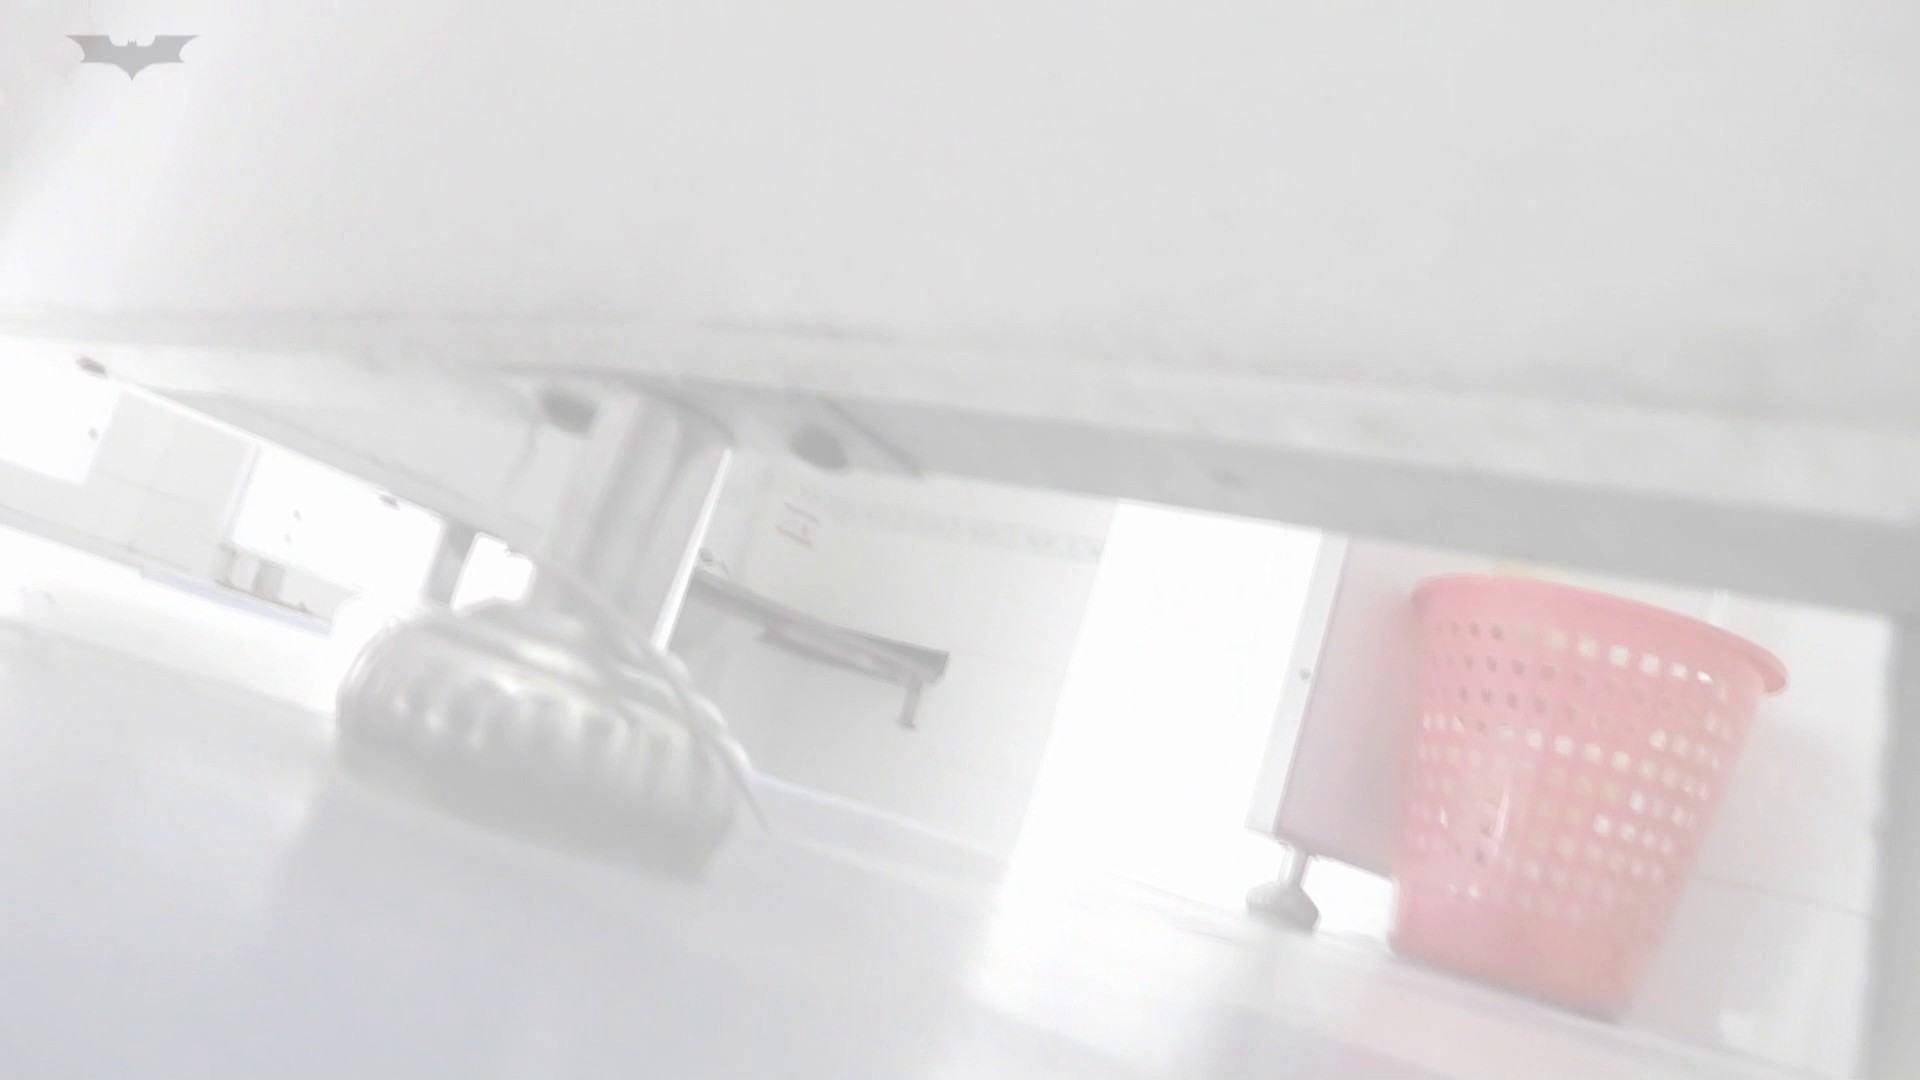 なんだこれVol.13今まで一番の美女と美マン登場!! 高画質 おめこ無修正画像 108画像 52